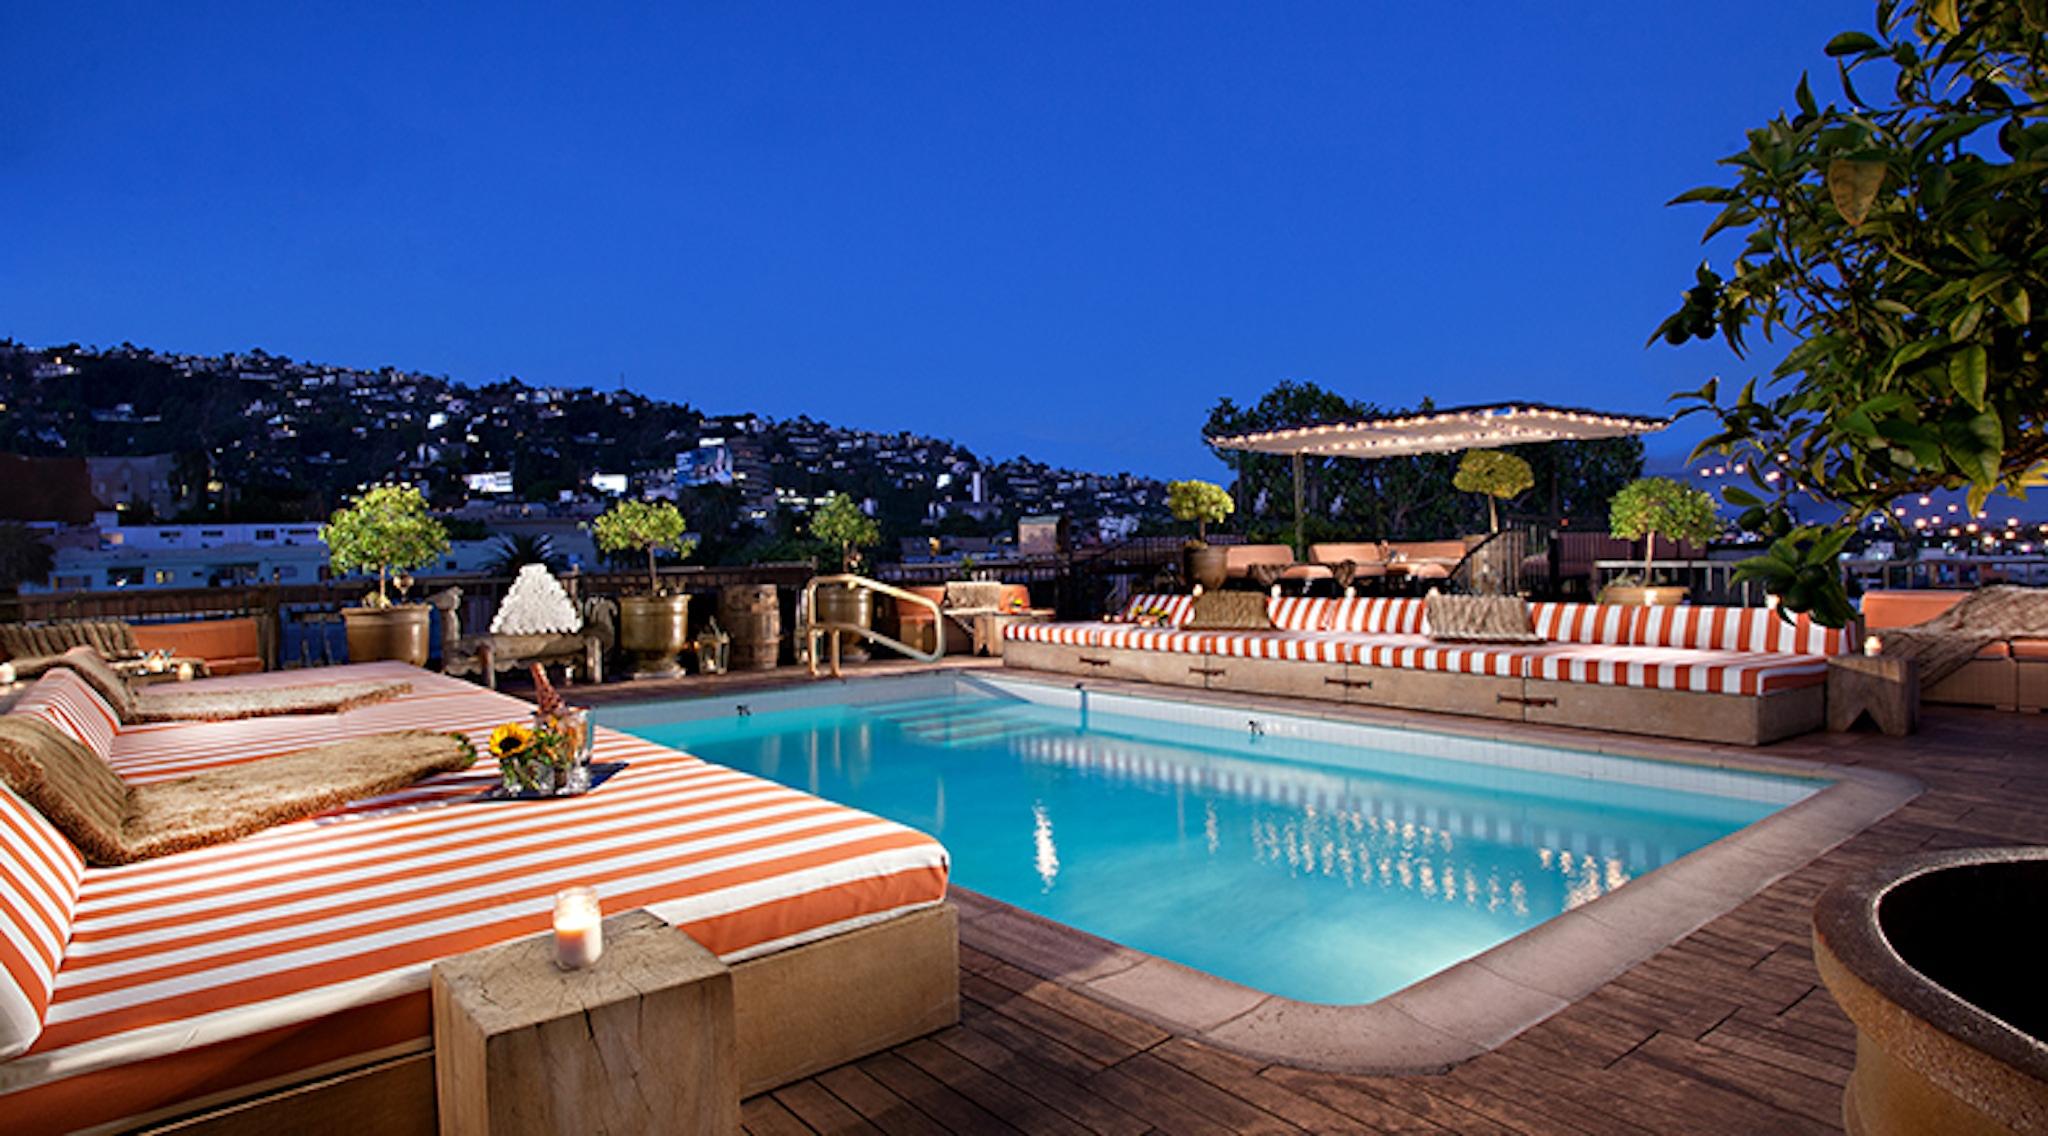 LA rooftop venue